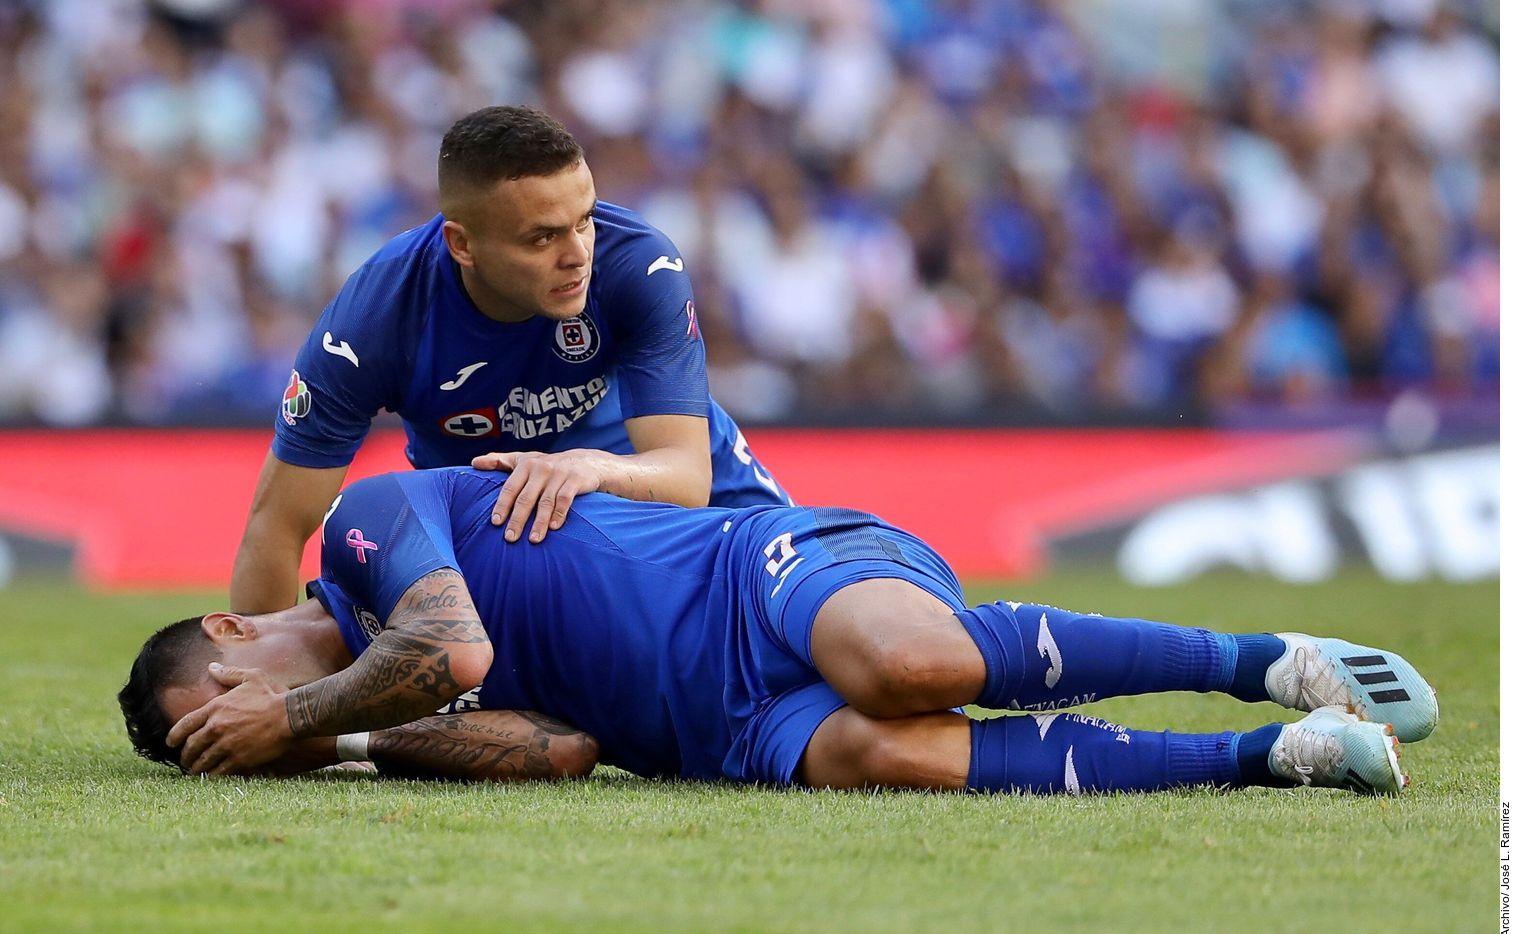 Milton Caraglio sufrió una lesión en el encuentro de preparación del sábado contra Toluca, por lo que tuvo que entrar al quirófano para tratarse una fractura del quinto metatarsiano del pie derecho.